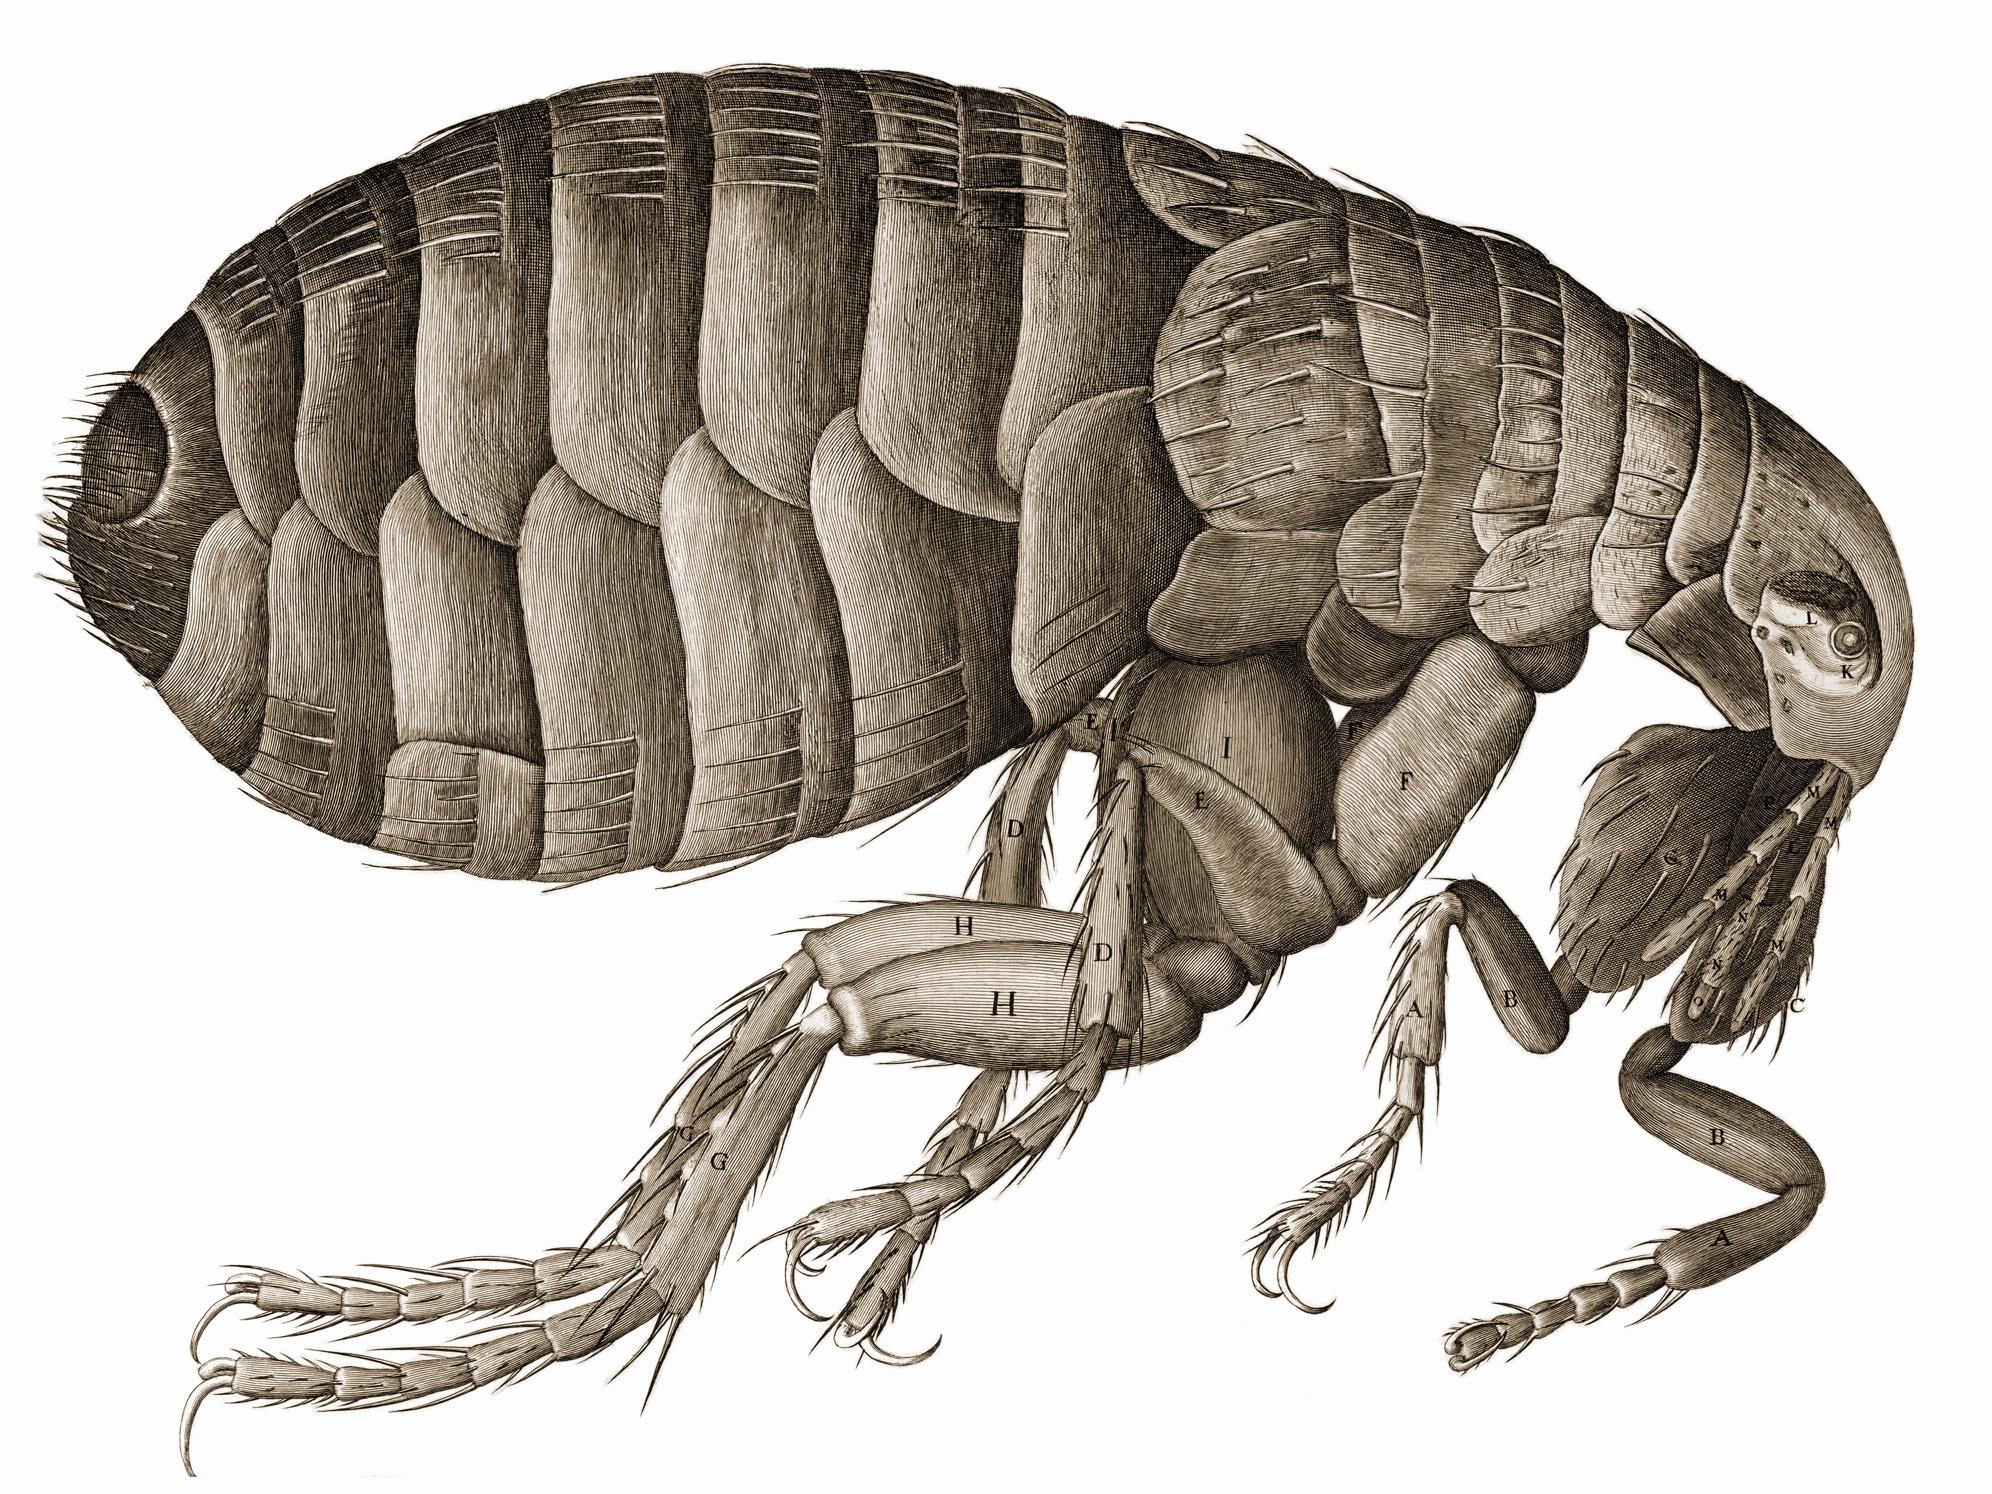 Hookes drawing of a flea, from Wikimedia